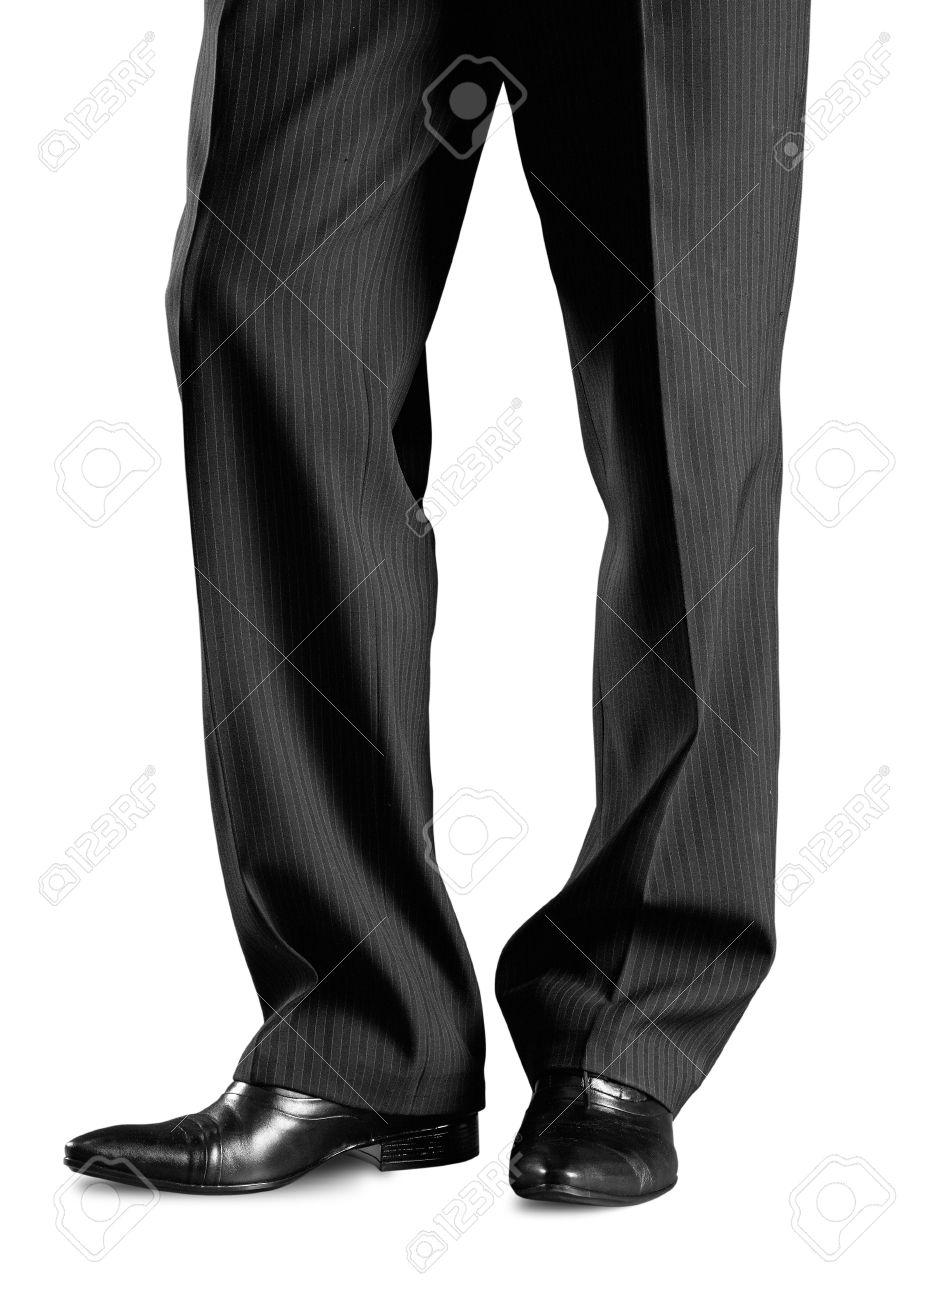 los negro archivo de El de zapatos hombre pantalón 11178829 negro de pies Foto y xPqwEqY7a